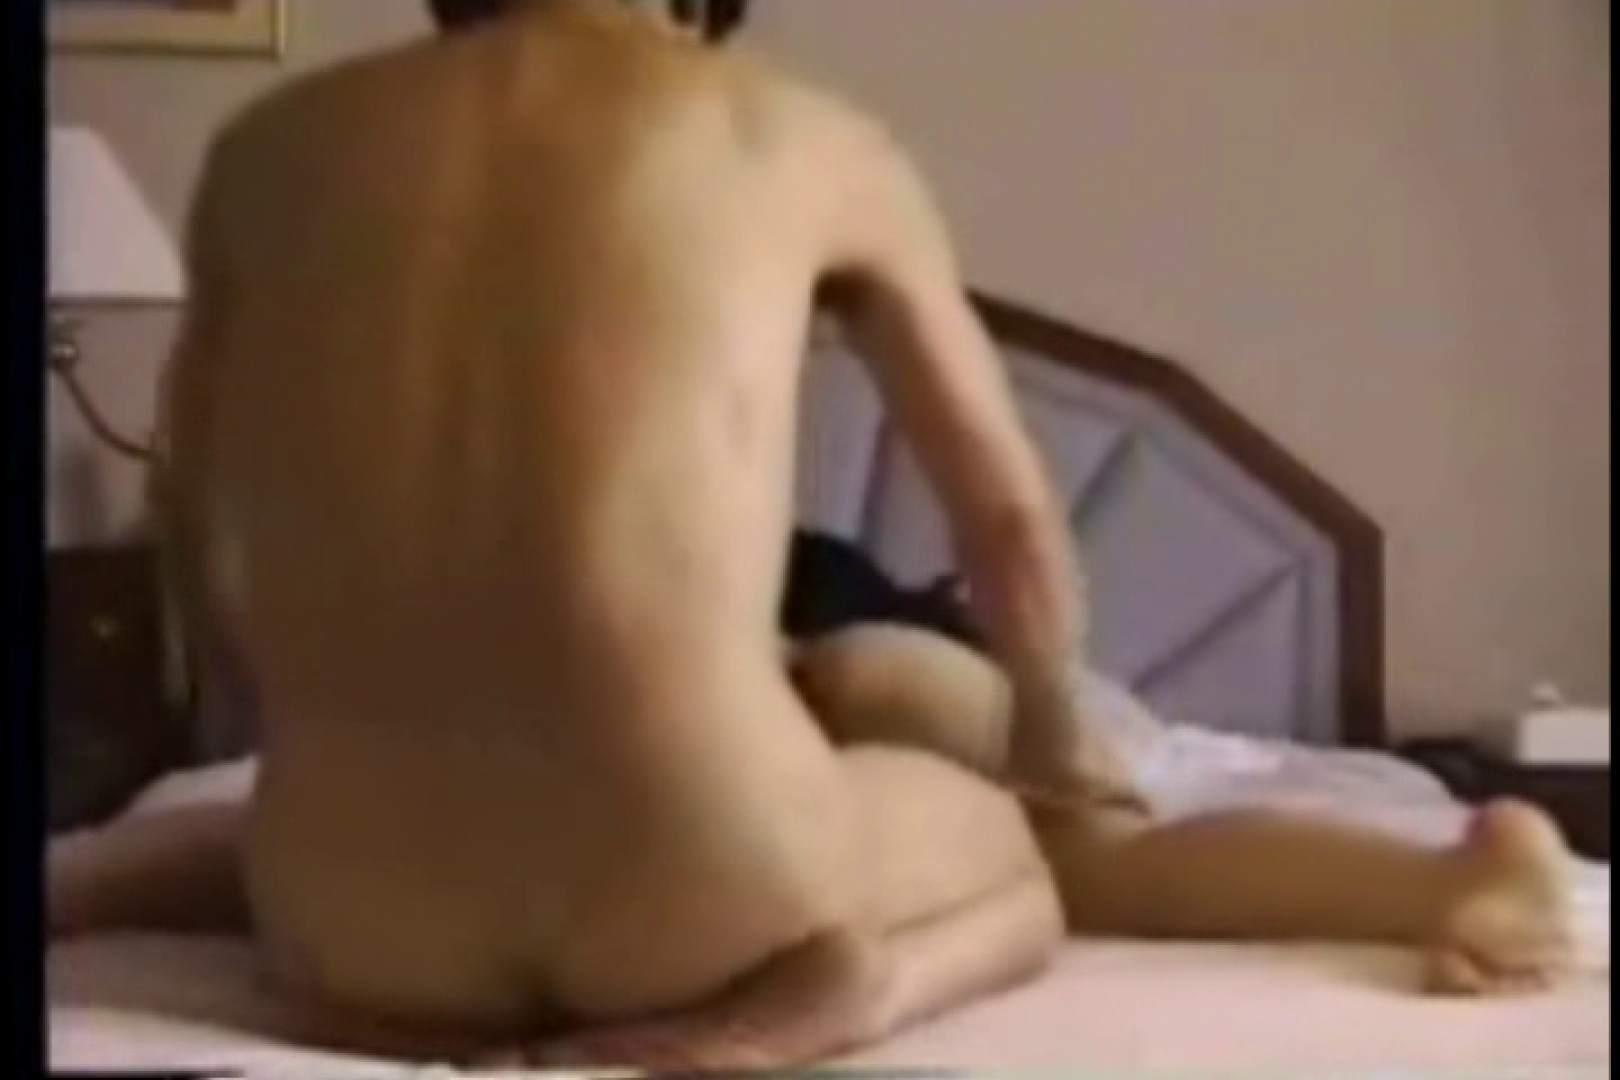 ホテルに抱かれに来る美熟女4 熟女の女体 | ホテルで絶頂  26pic 15